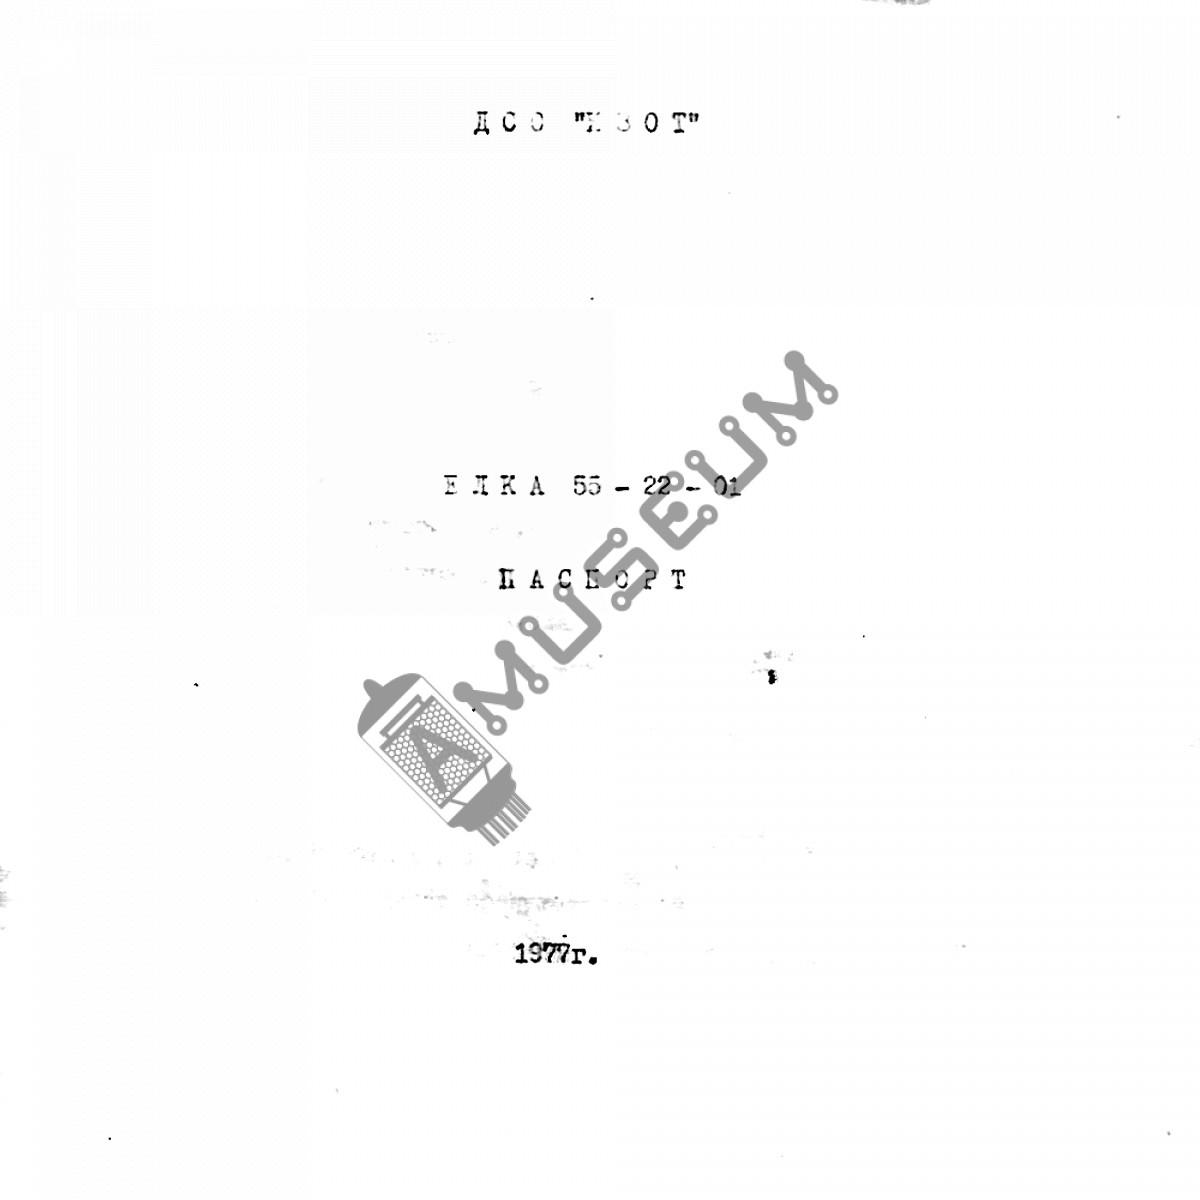 ЕЛКА 55